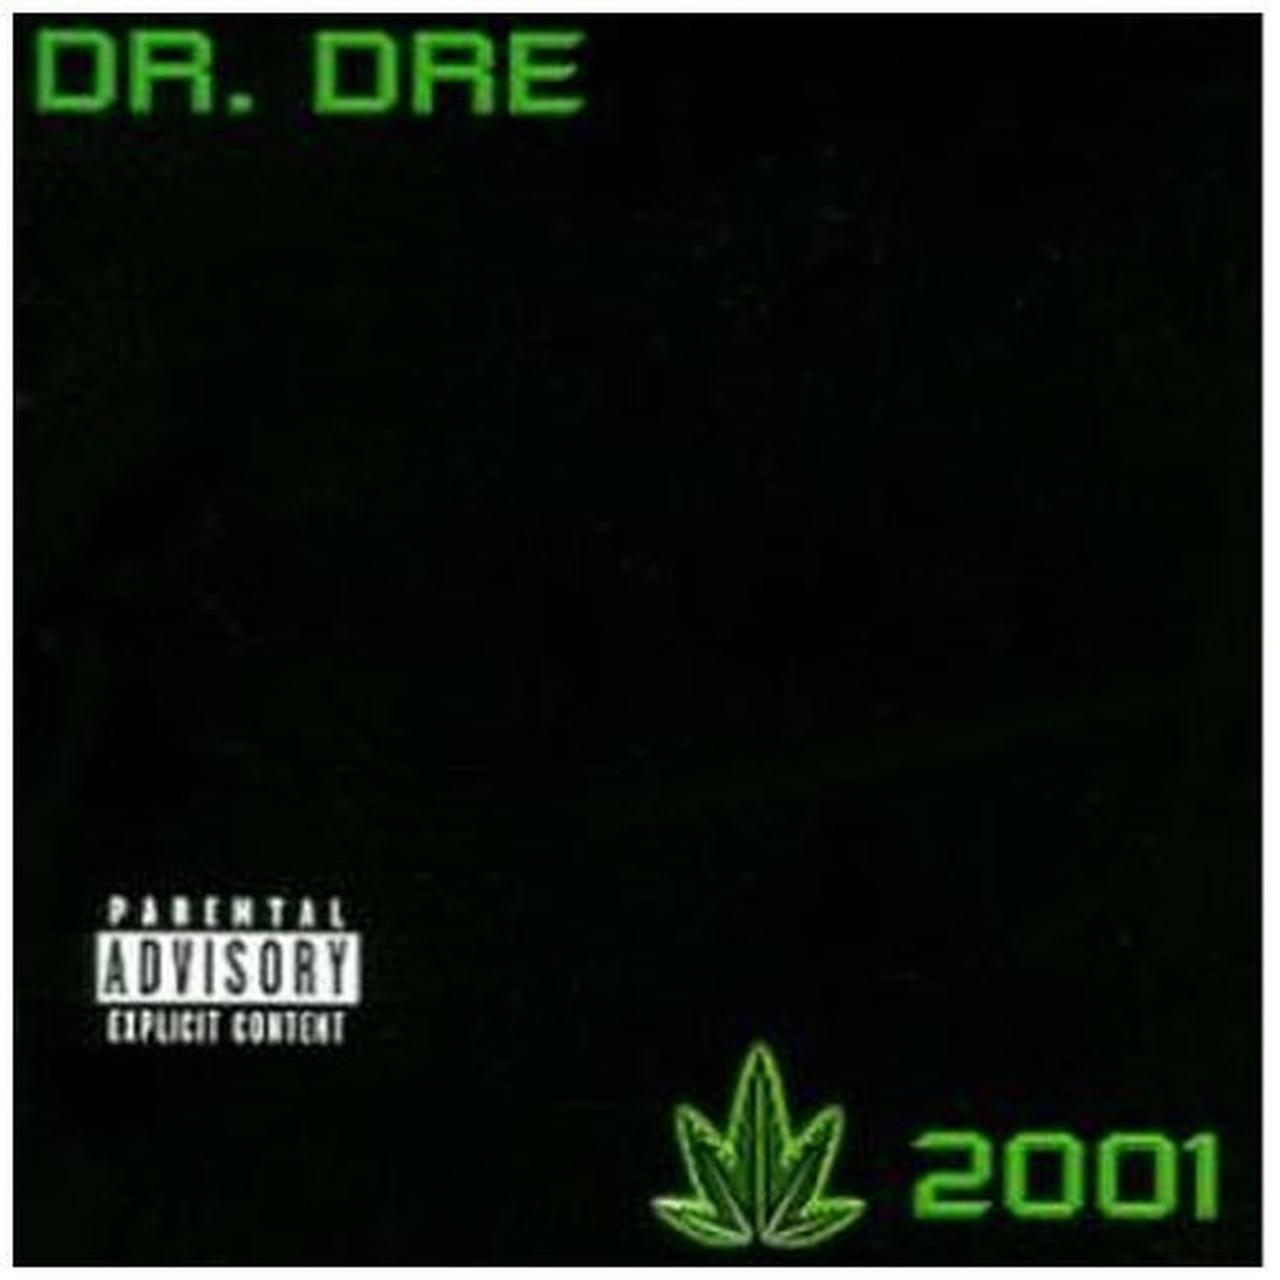 Dr Dre 2001 Clean Version Vinyl Record